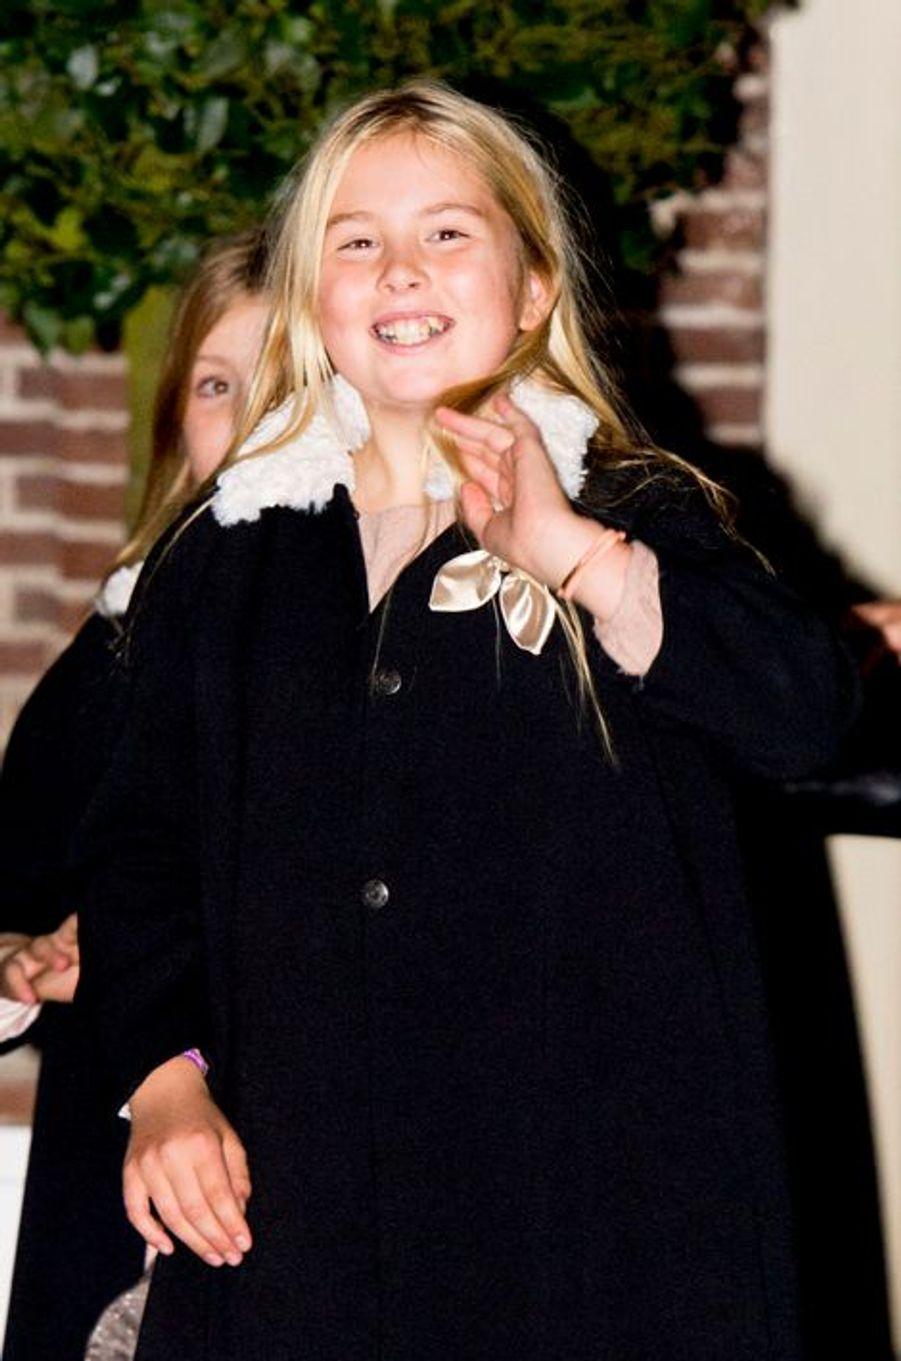 La princesse héritière Catharina-Amalia des Pays-Bas à Apeldoorn le 9 novembre 2014